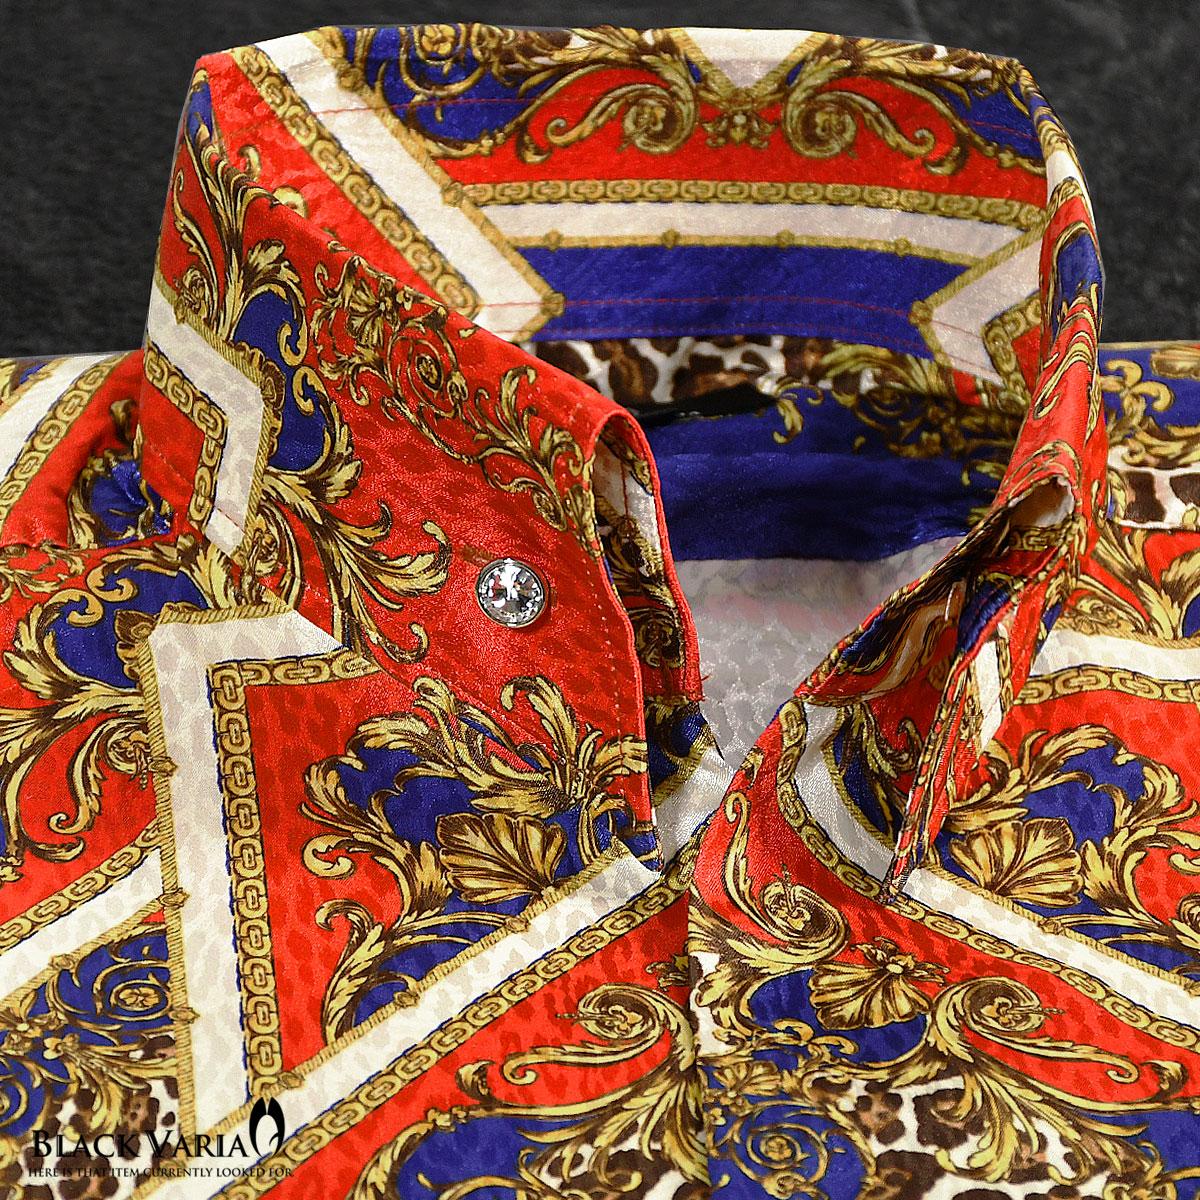 サテンシャツ ドレスシャツ スキッパー スカーフ柄 ヒョウ柄 ジャガード ボタンダウン スリム パーティー メンズ mens(レッド赤ブルー青)